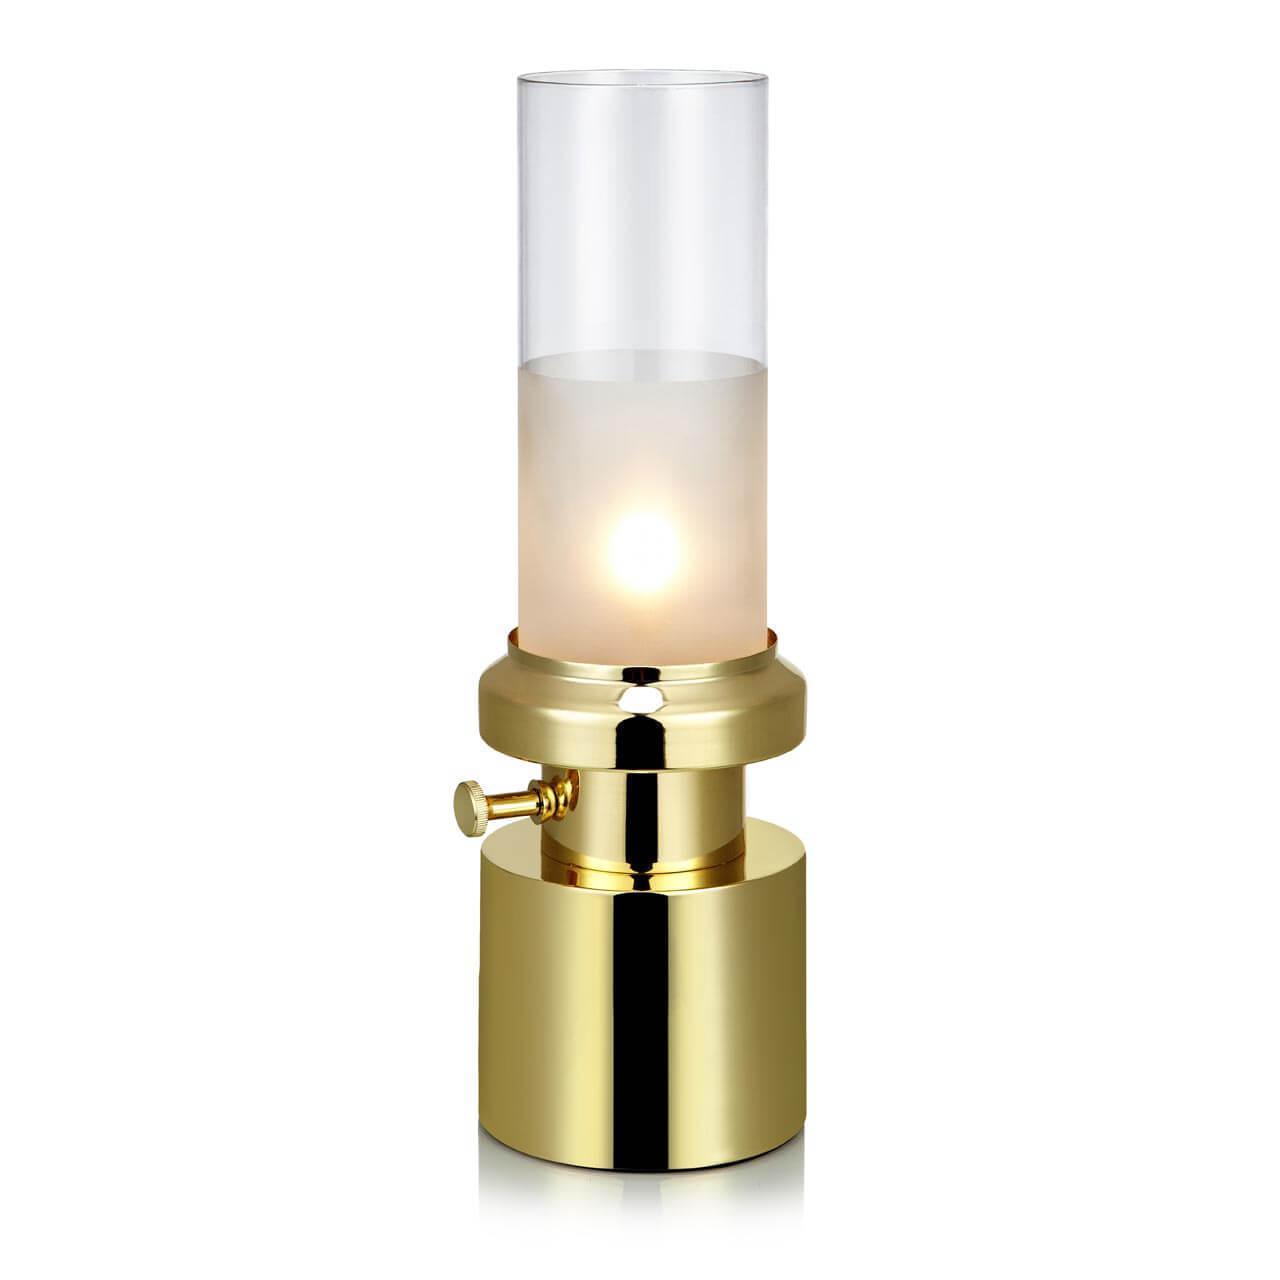 Настольный светильник MarkSLojd 106429, G9, 28 Вт цена